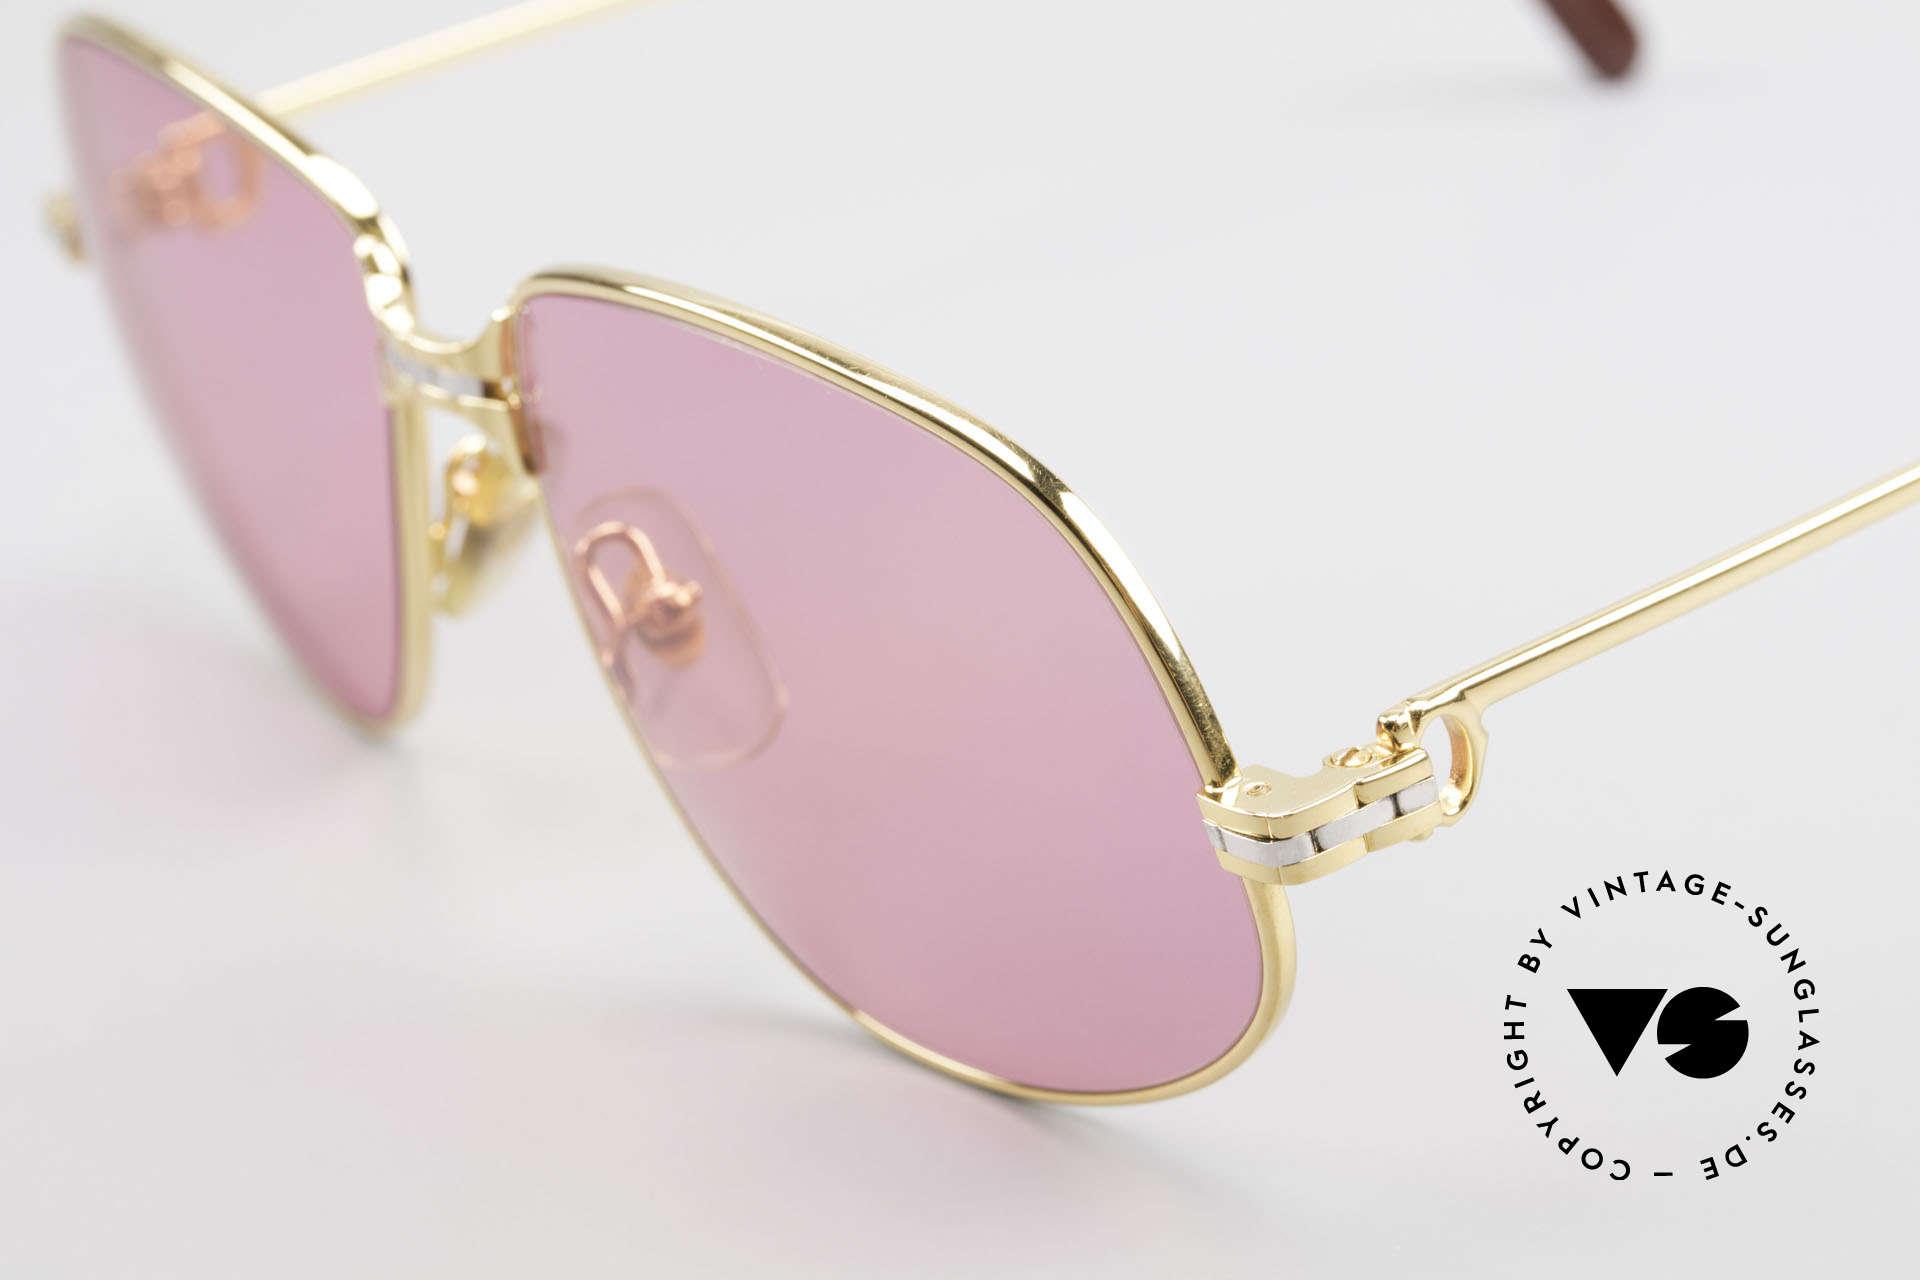 Cartier Panthere G.M. - M Pinke Brille mit Chanel Etui, 22kt vergoldete Fassung mit neuen pinken Sonnengläsern, Passend für Herren und Damen